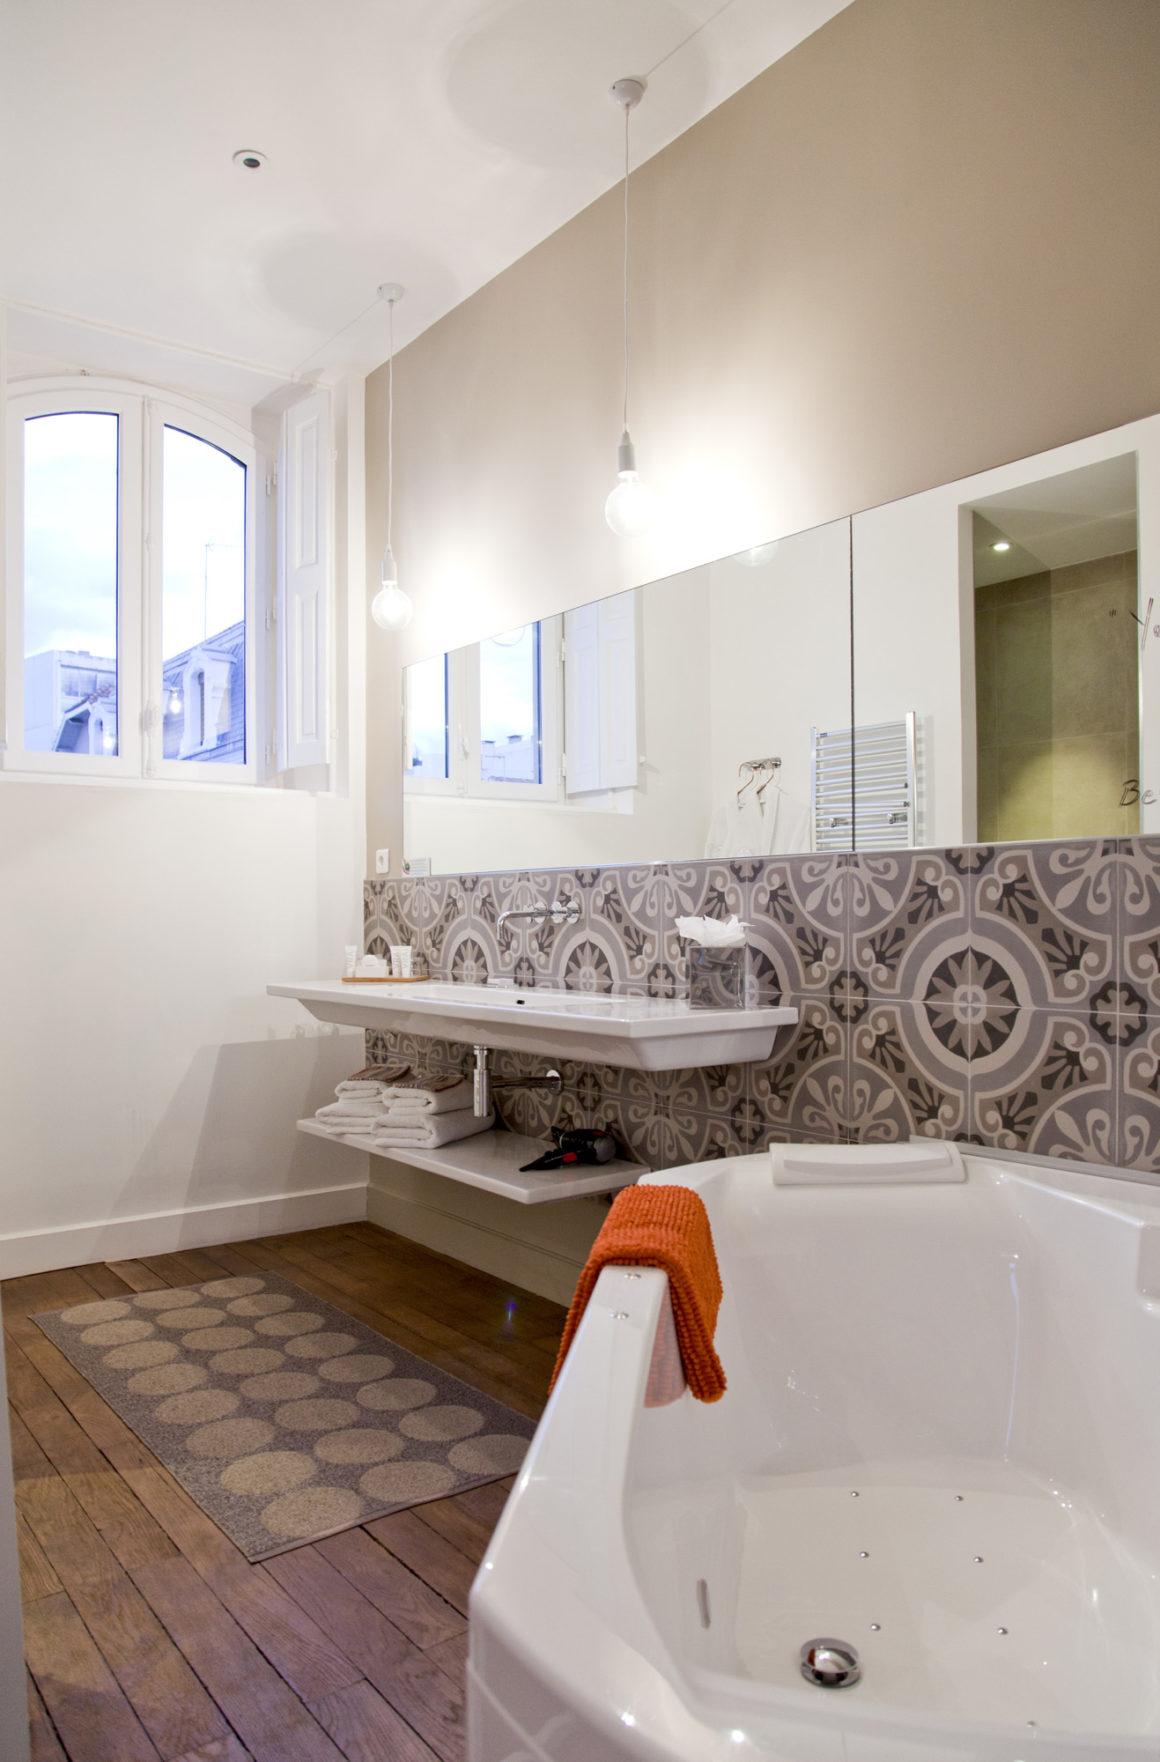 Salle de bains, Hôtel Particulier Béziers.